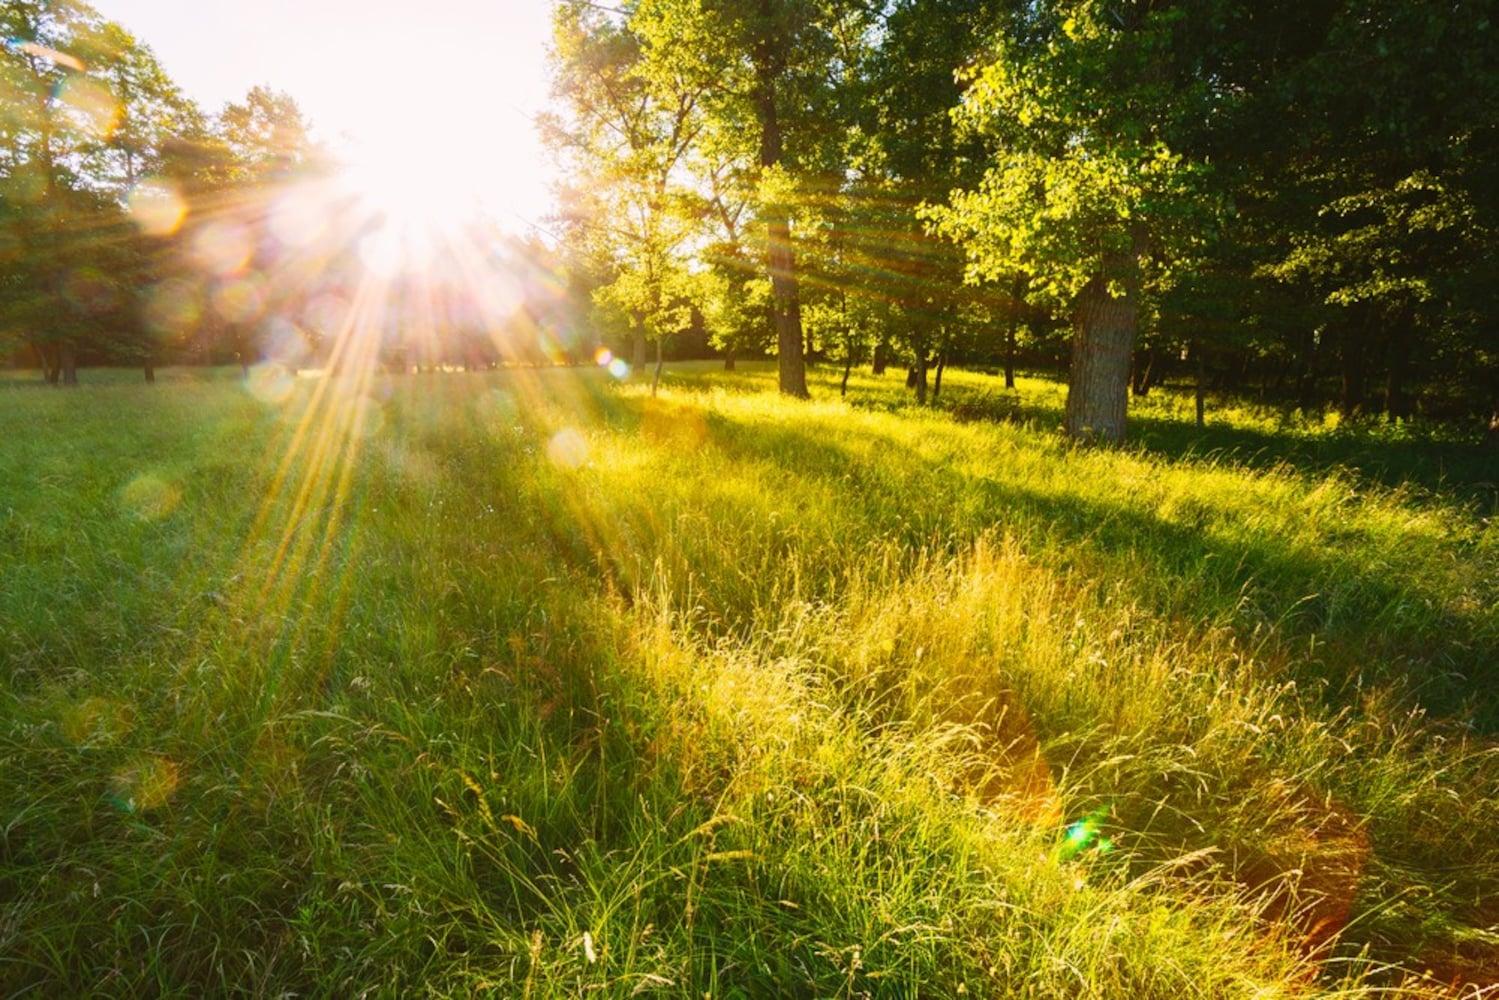 遮光性|天気がいい日に外で液晶がきちんと見えるかどうか